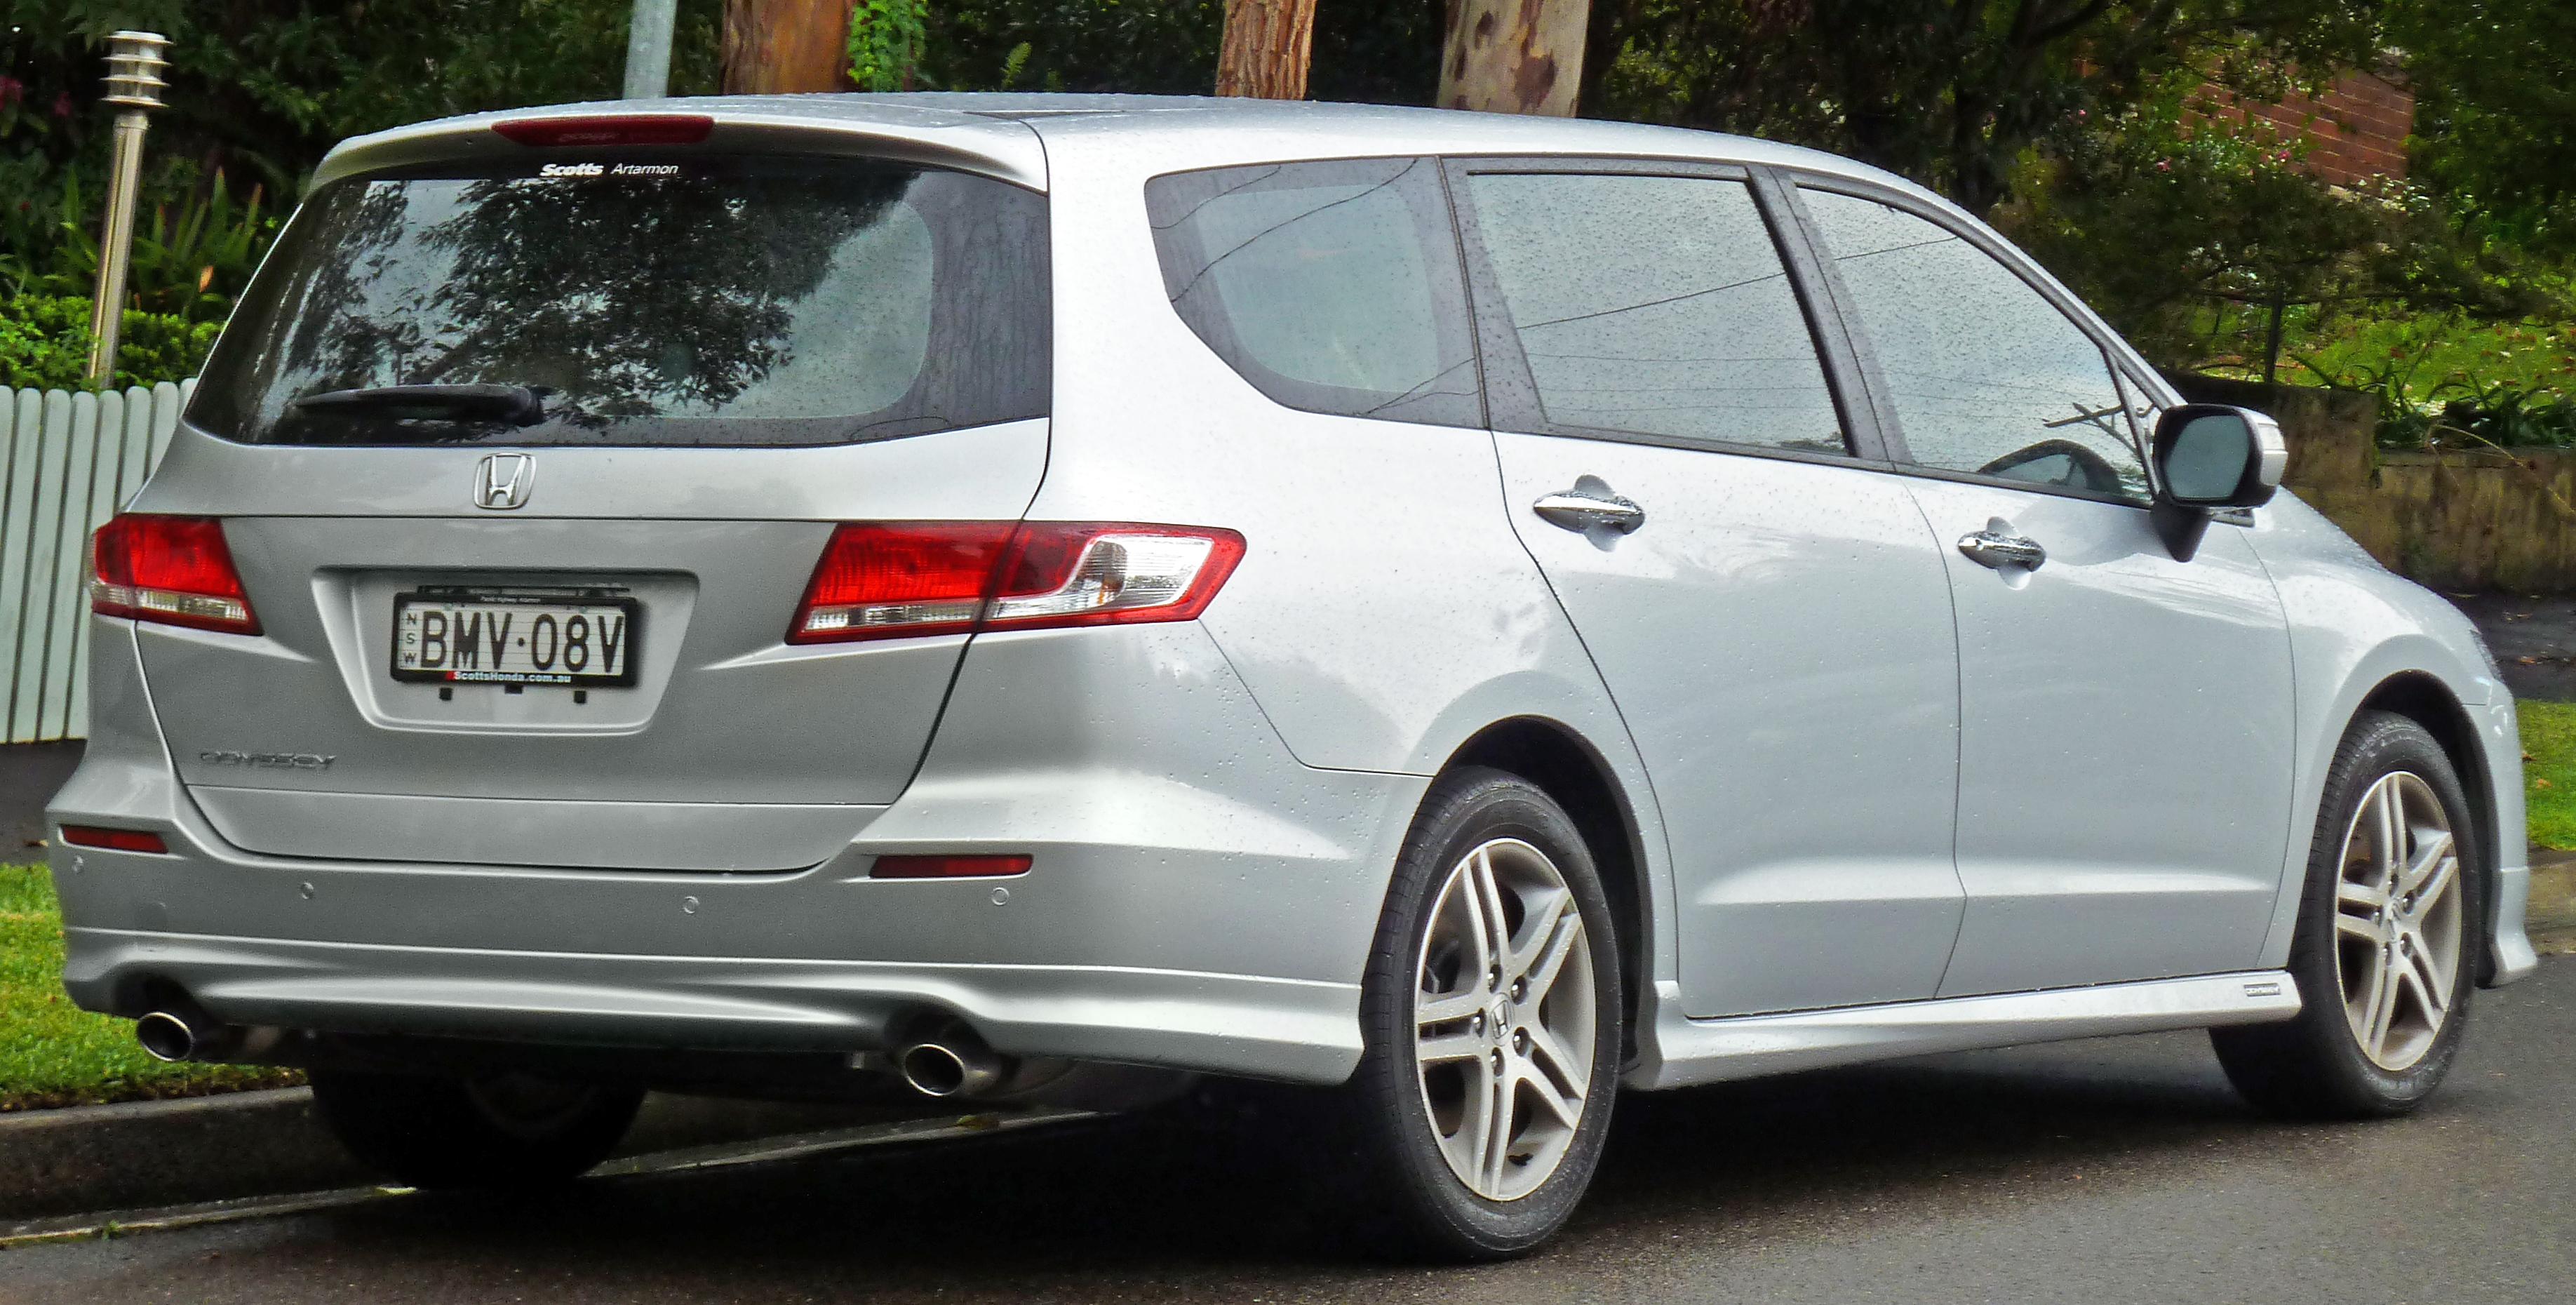 File:2009-2011 Honda Odyssey Luxury van (2011-04-28) 02 ...